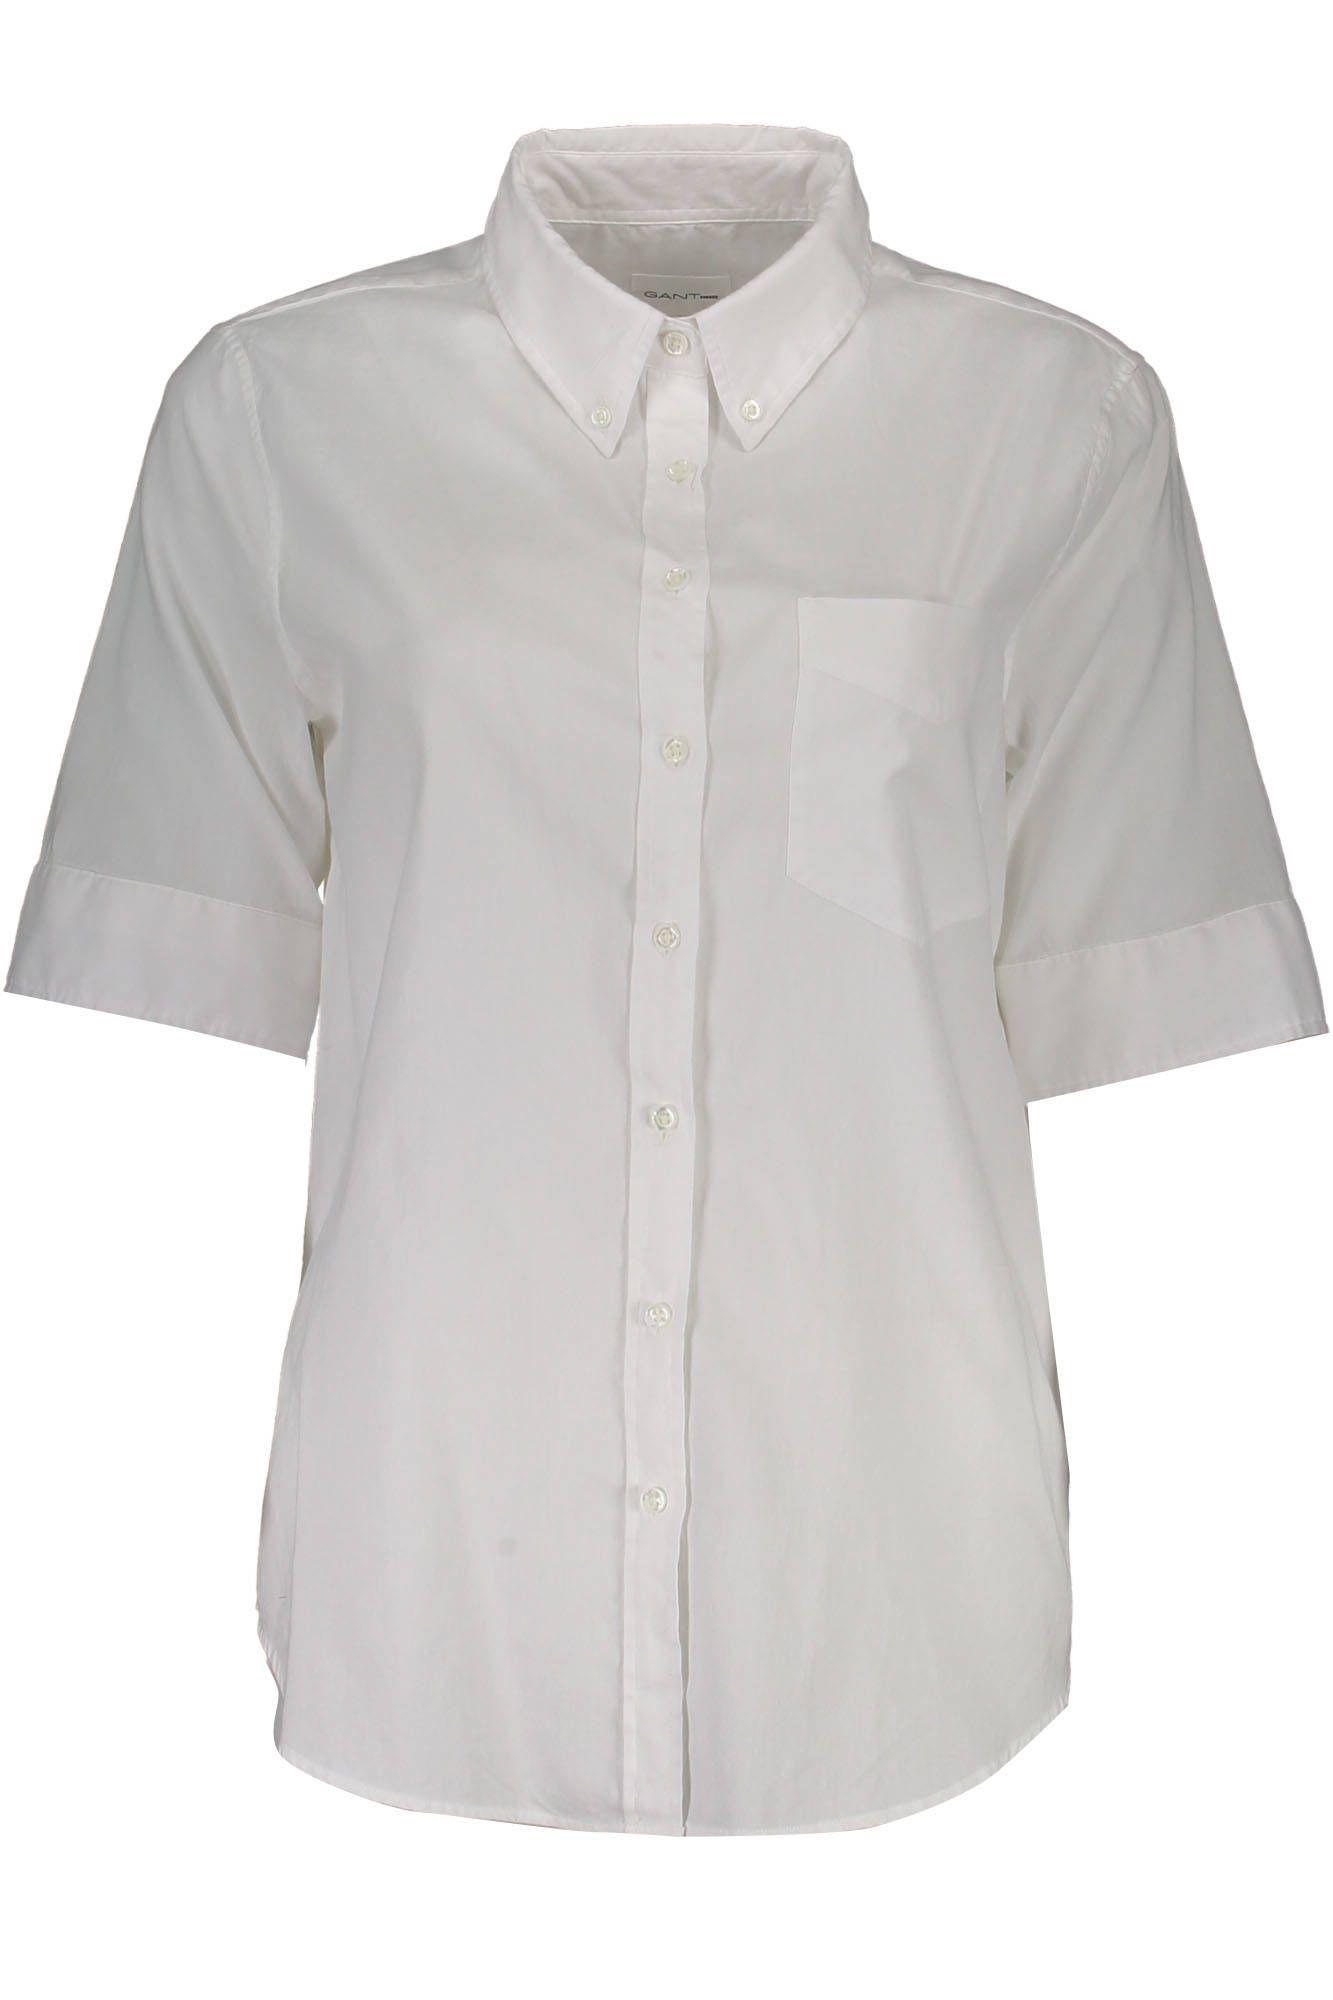 Košile GANT košile s krátkým rukávem BIANCO